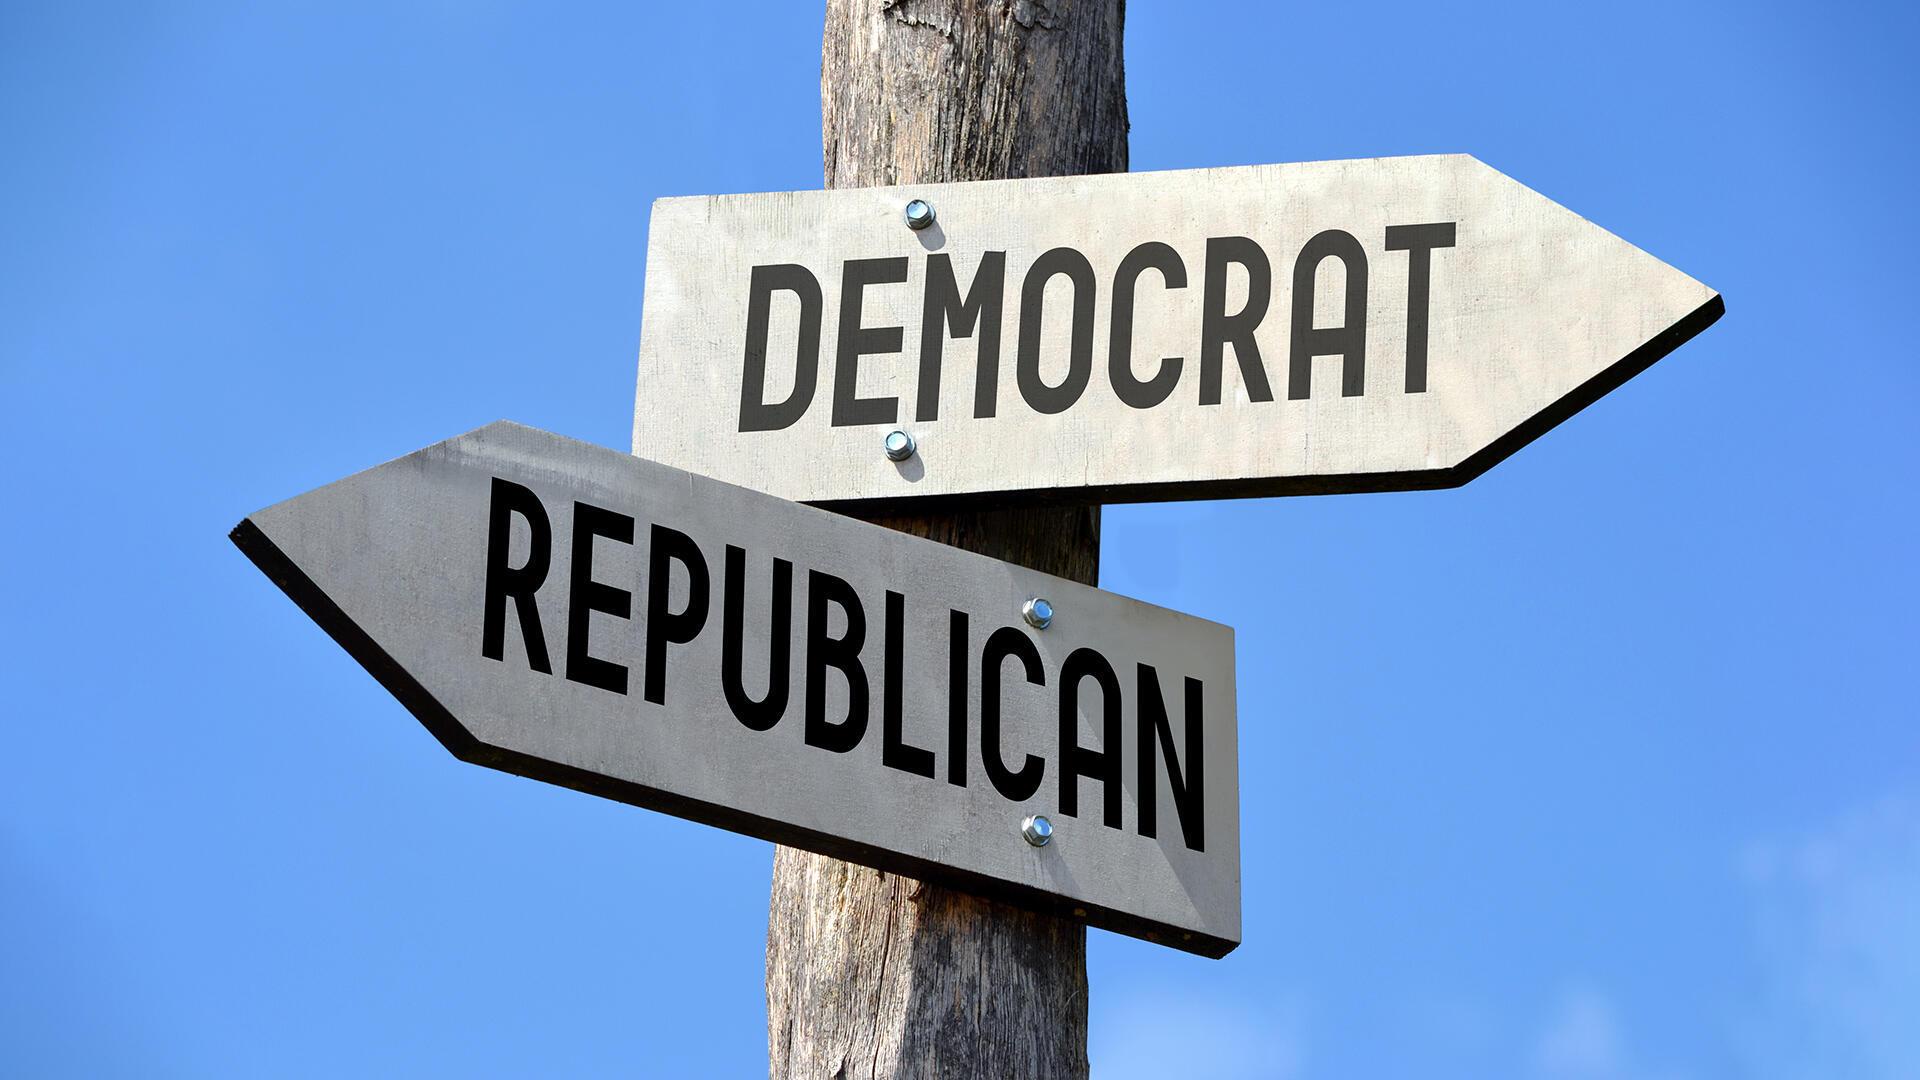 États-Unis - Démocrates - Républicains